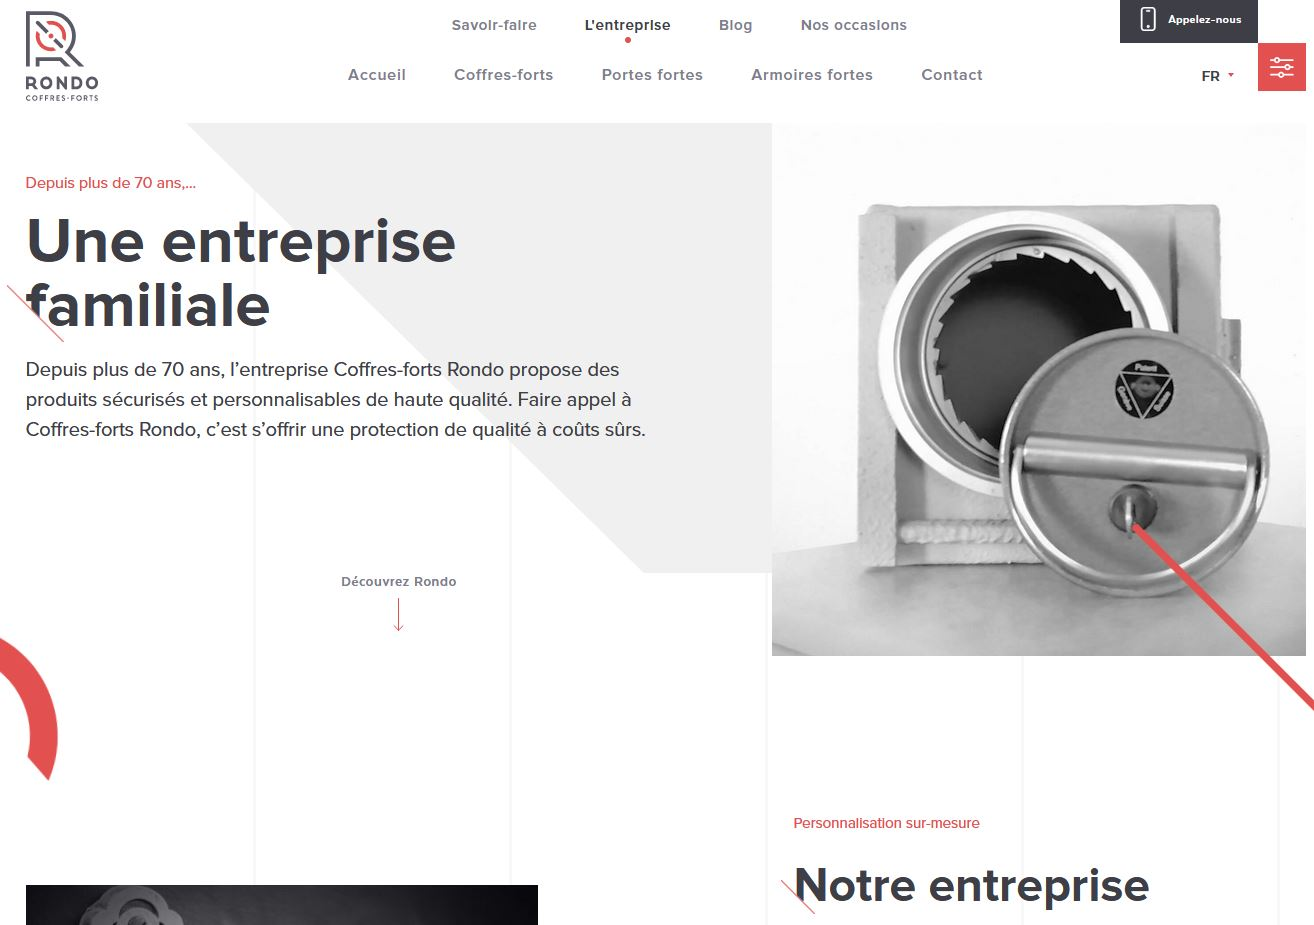 Services - Coffres-forts Rondo - Site internet - Entreprise familiale